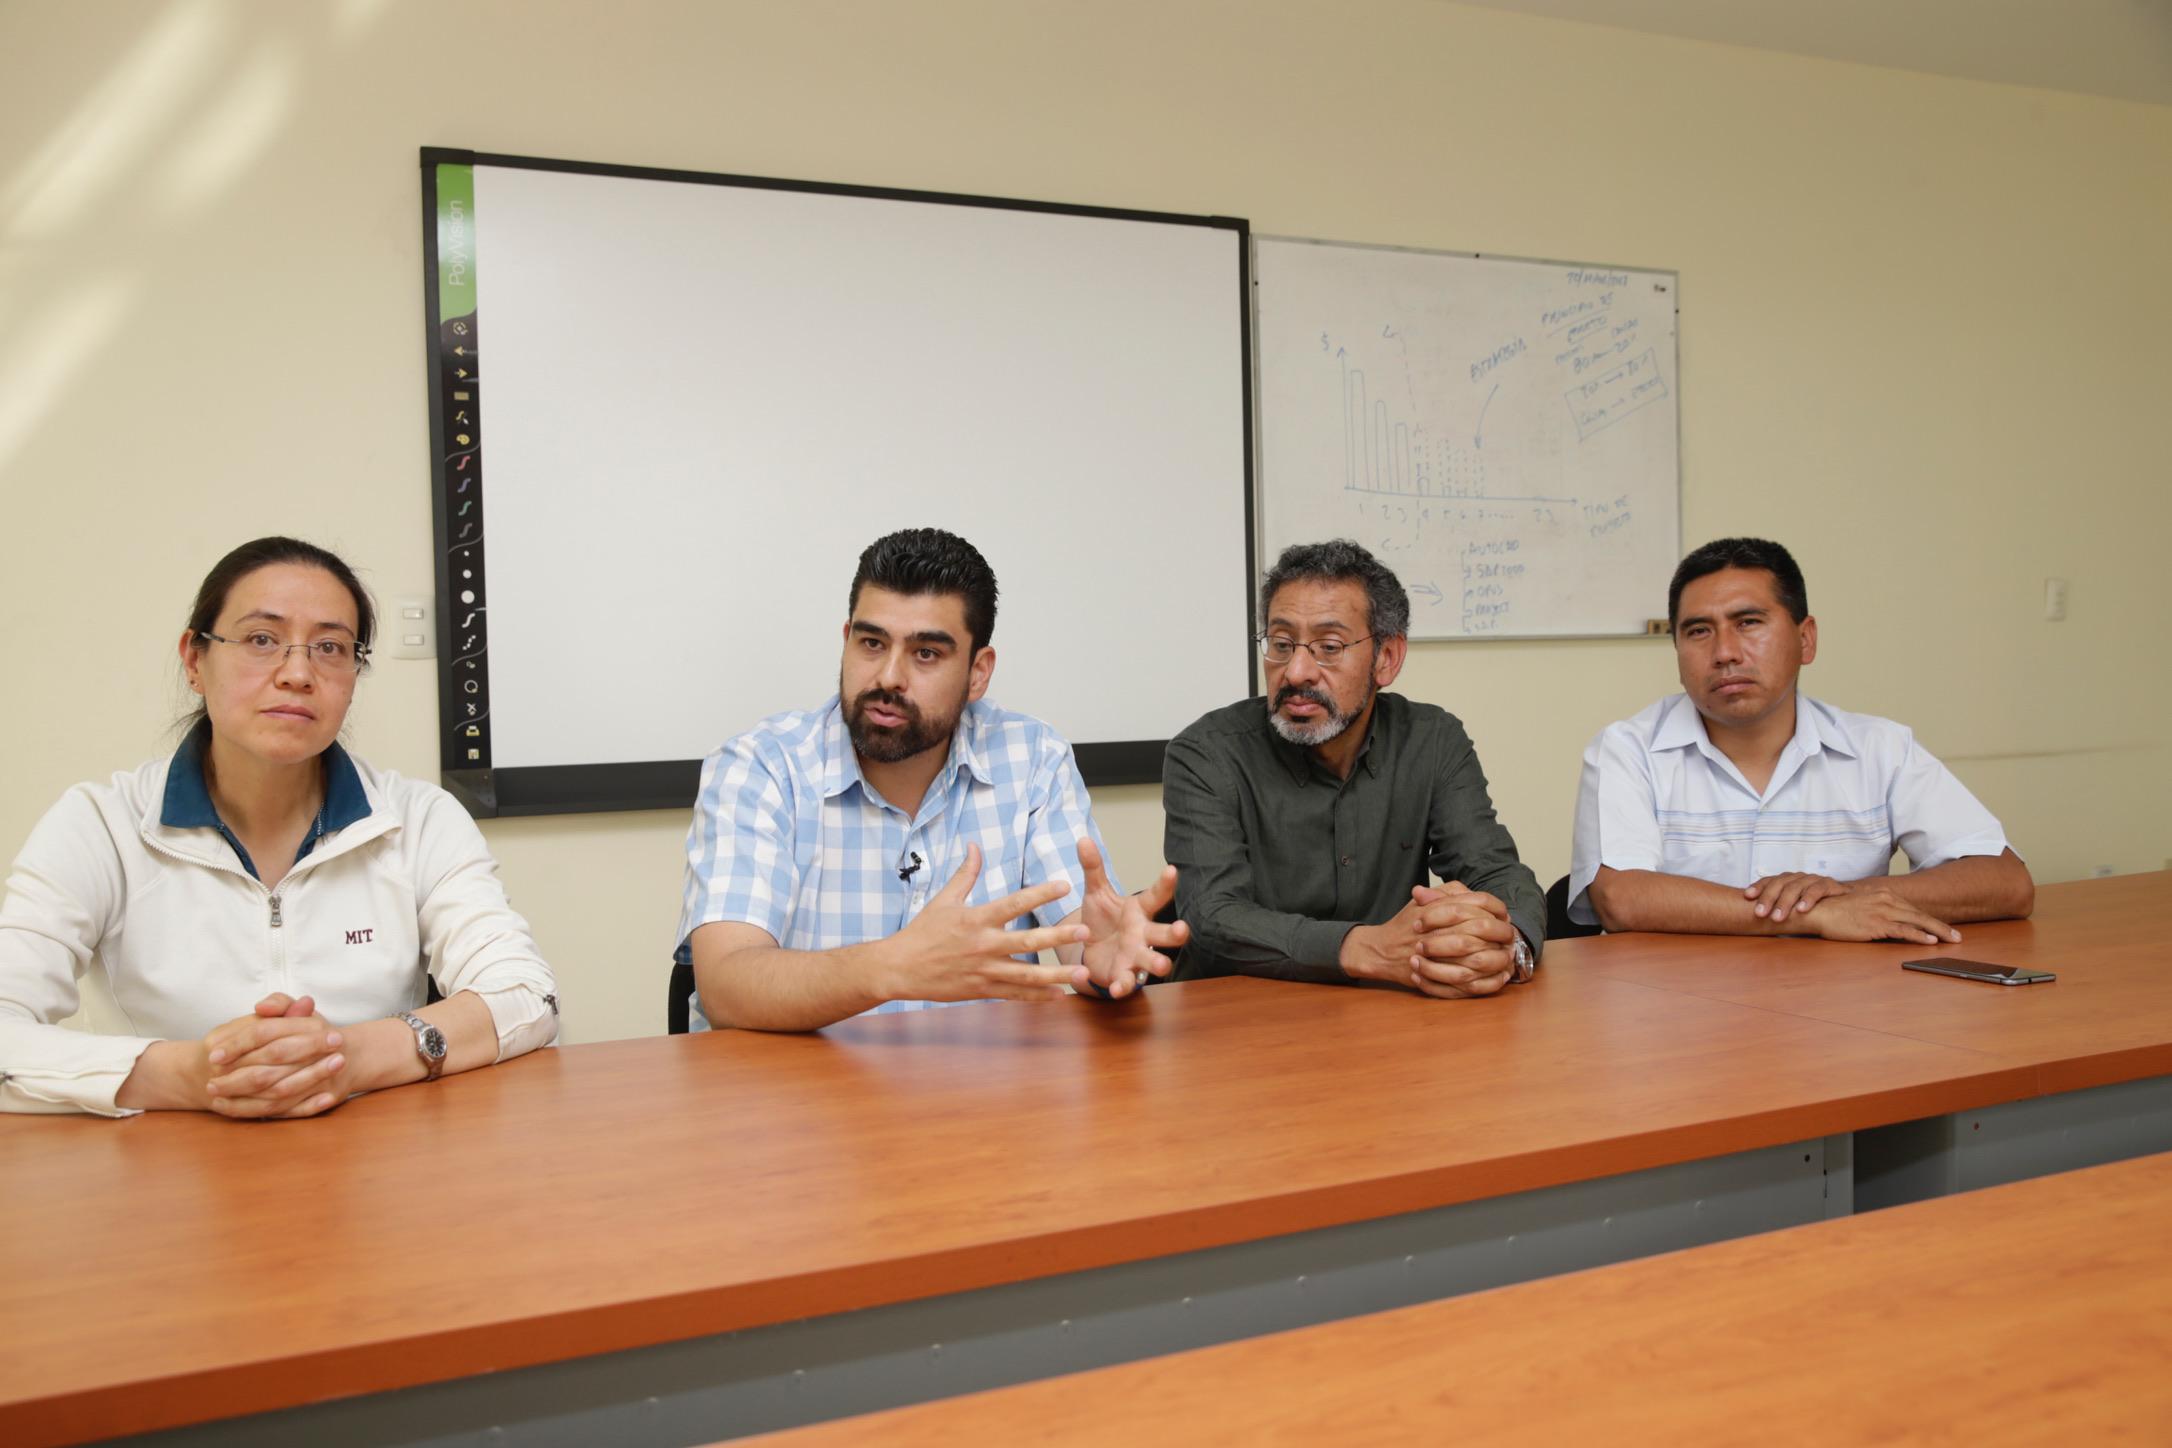 Crean exoesqueleto para rehabilitación en UAEM